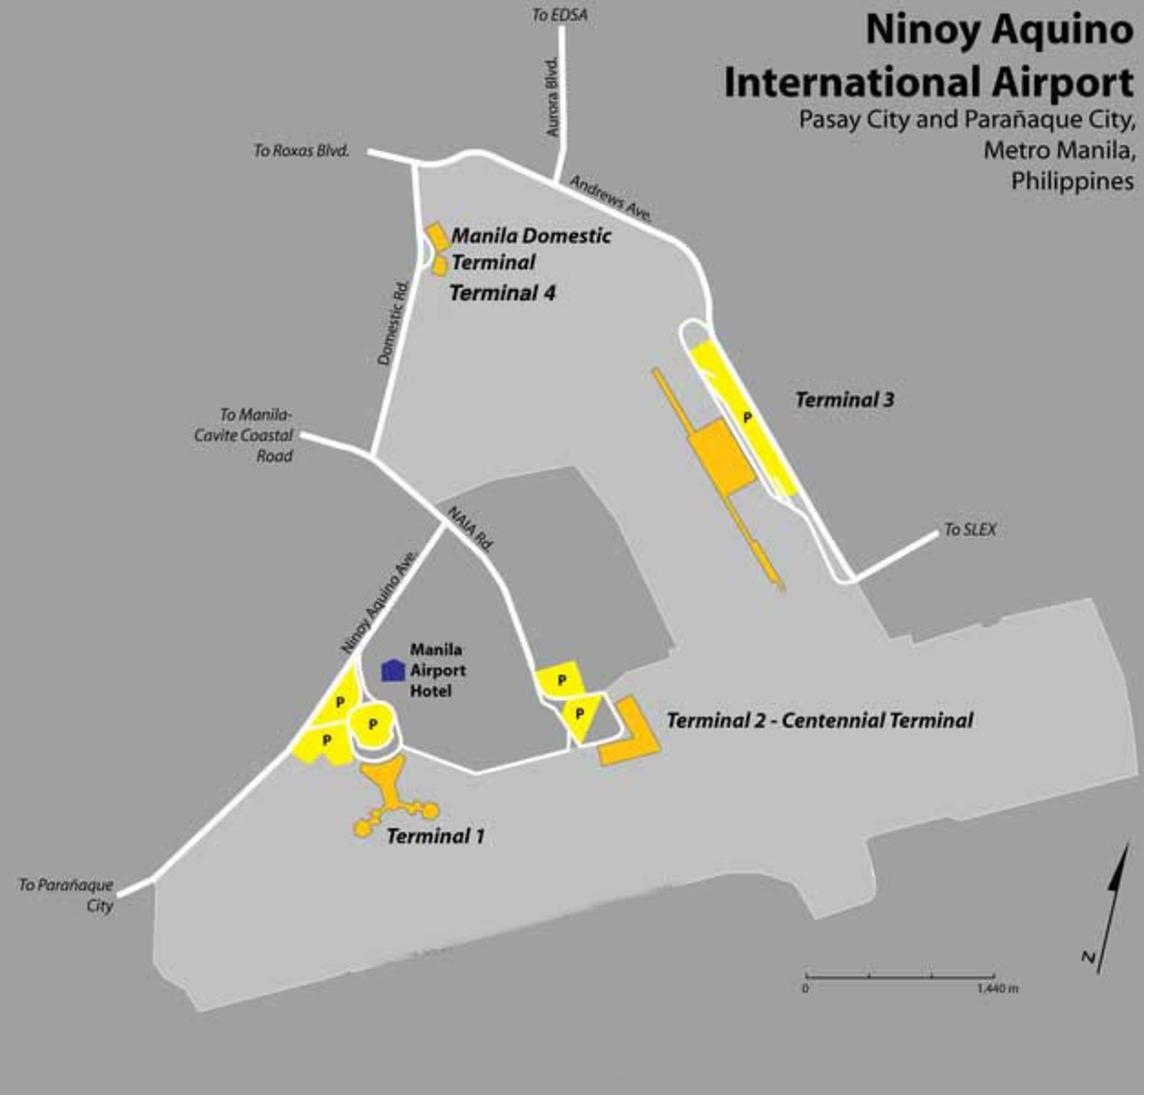 馬尼拉機場四個航廈位置圖